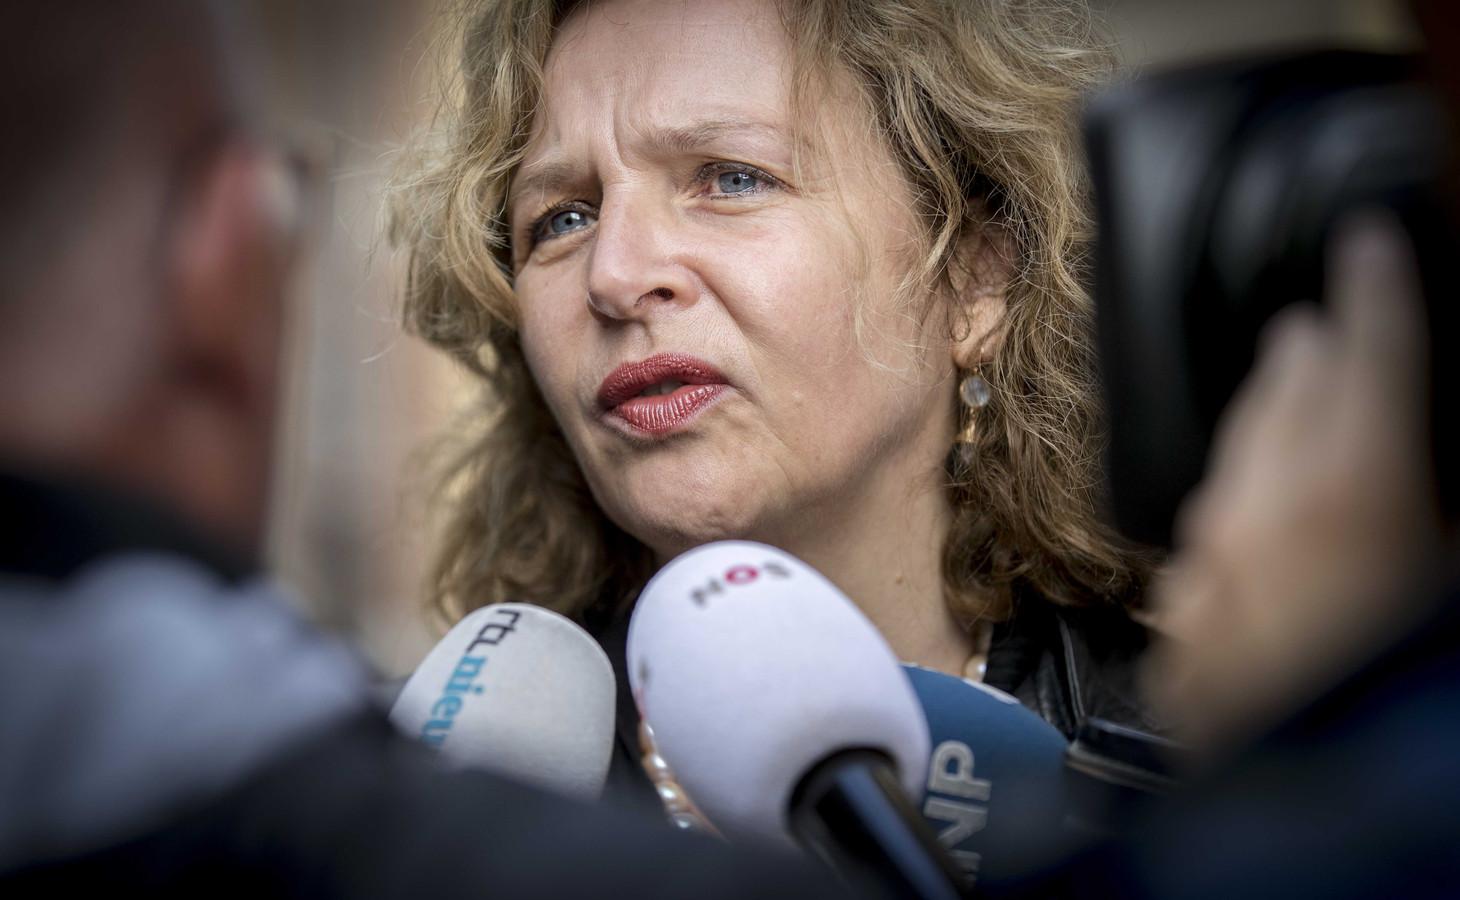 Minister Schippers (Volksgezondheid), hier op de foto, en staatssecretaris Van Dam (Economische Zaken) melden de Tweede Kamer dat Q-koortsslachtoffers 'een vorm van tegemoetkoming' krijgen.